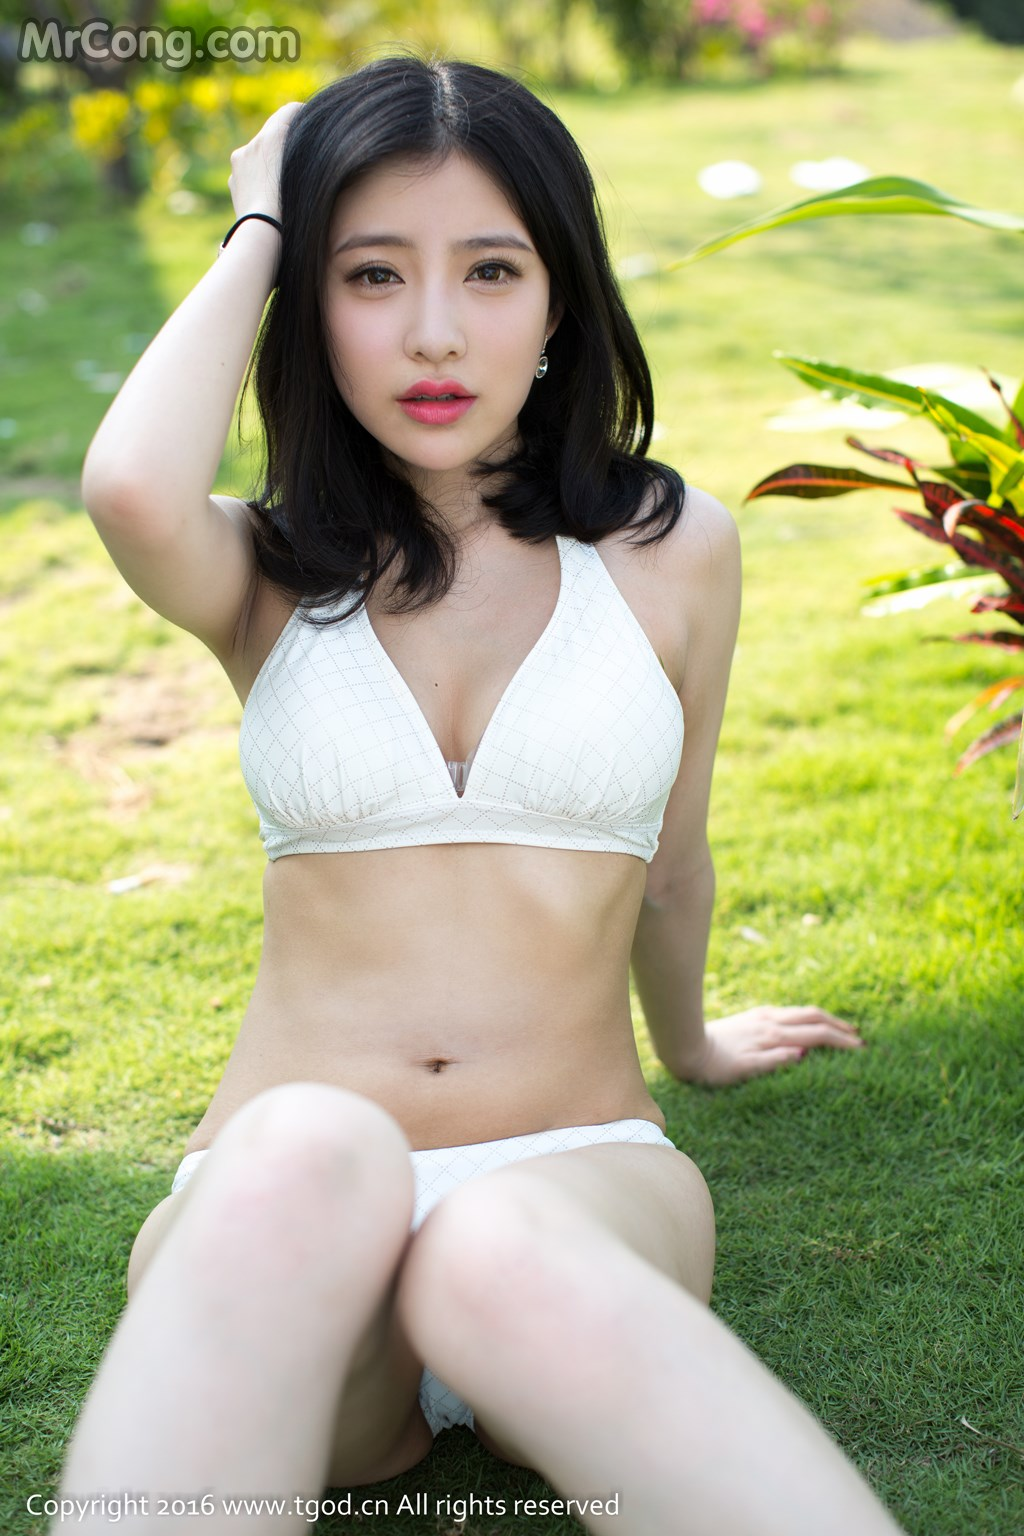 TGOD 2016-04-10: Model Shi Yi Jia (施忆佳Kitty) (41P)